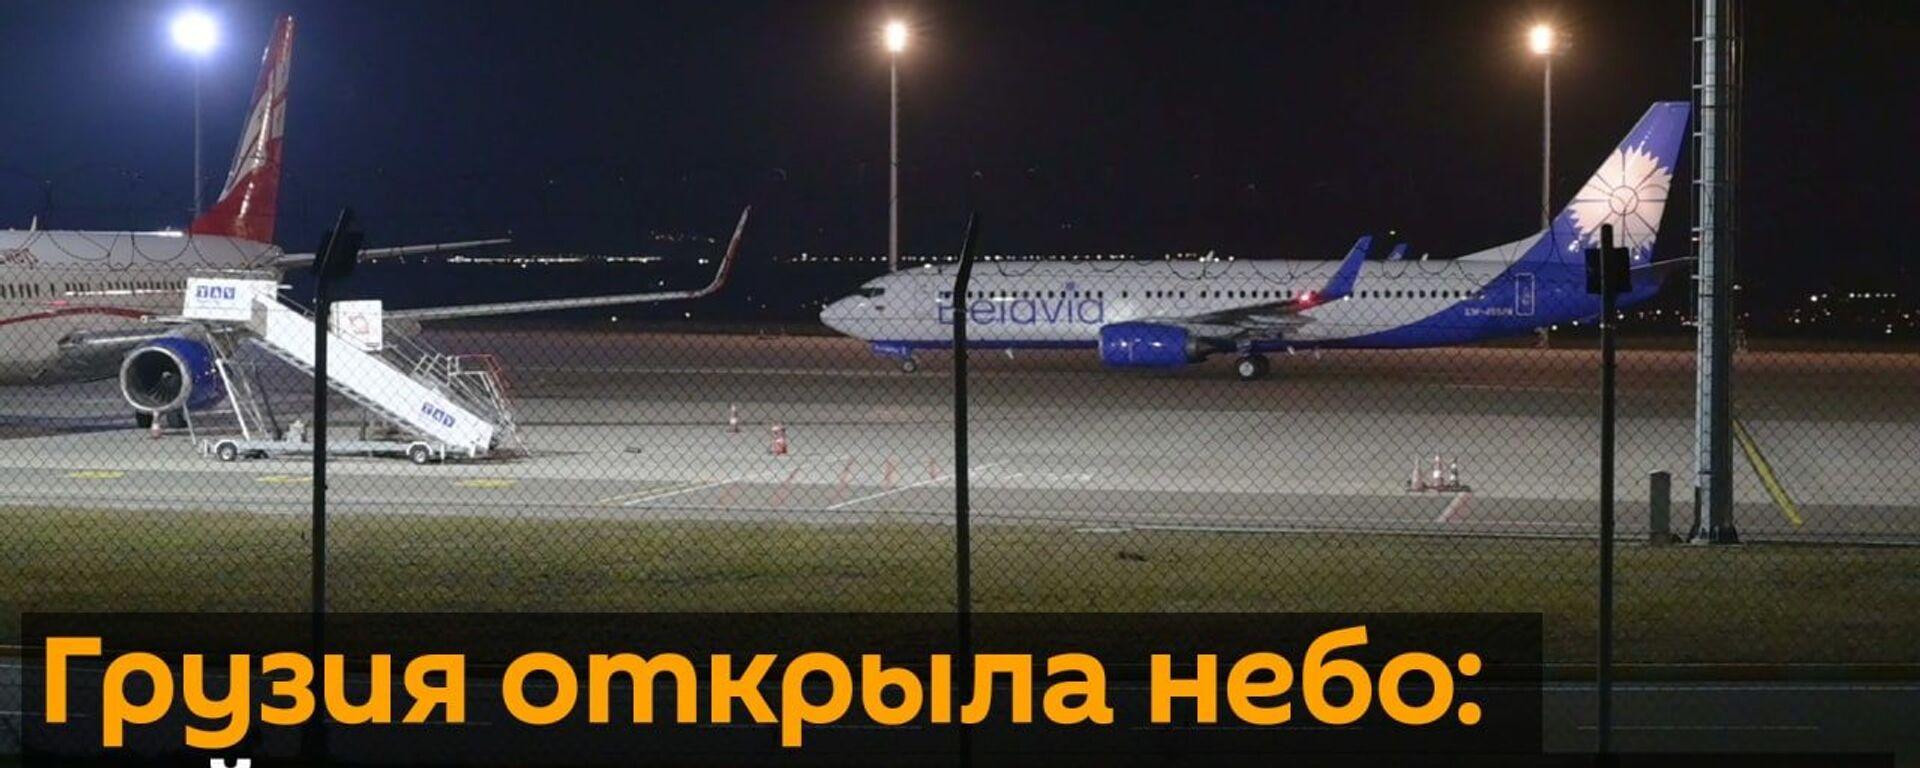 Грузия открыла небо: рейсы есть, туристов нет - видео - Sputnik Ўзбекистон, 1920, 07.02.2021